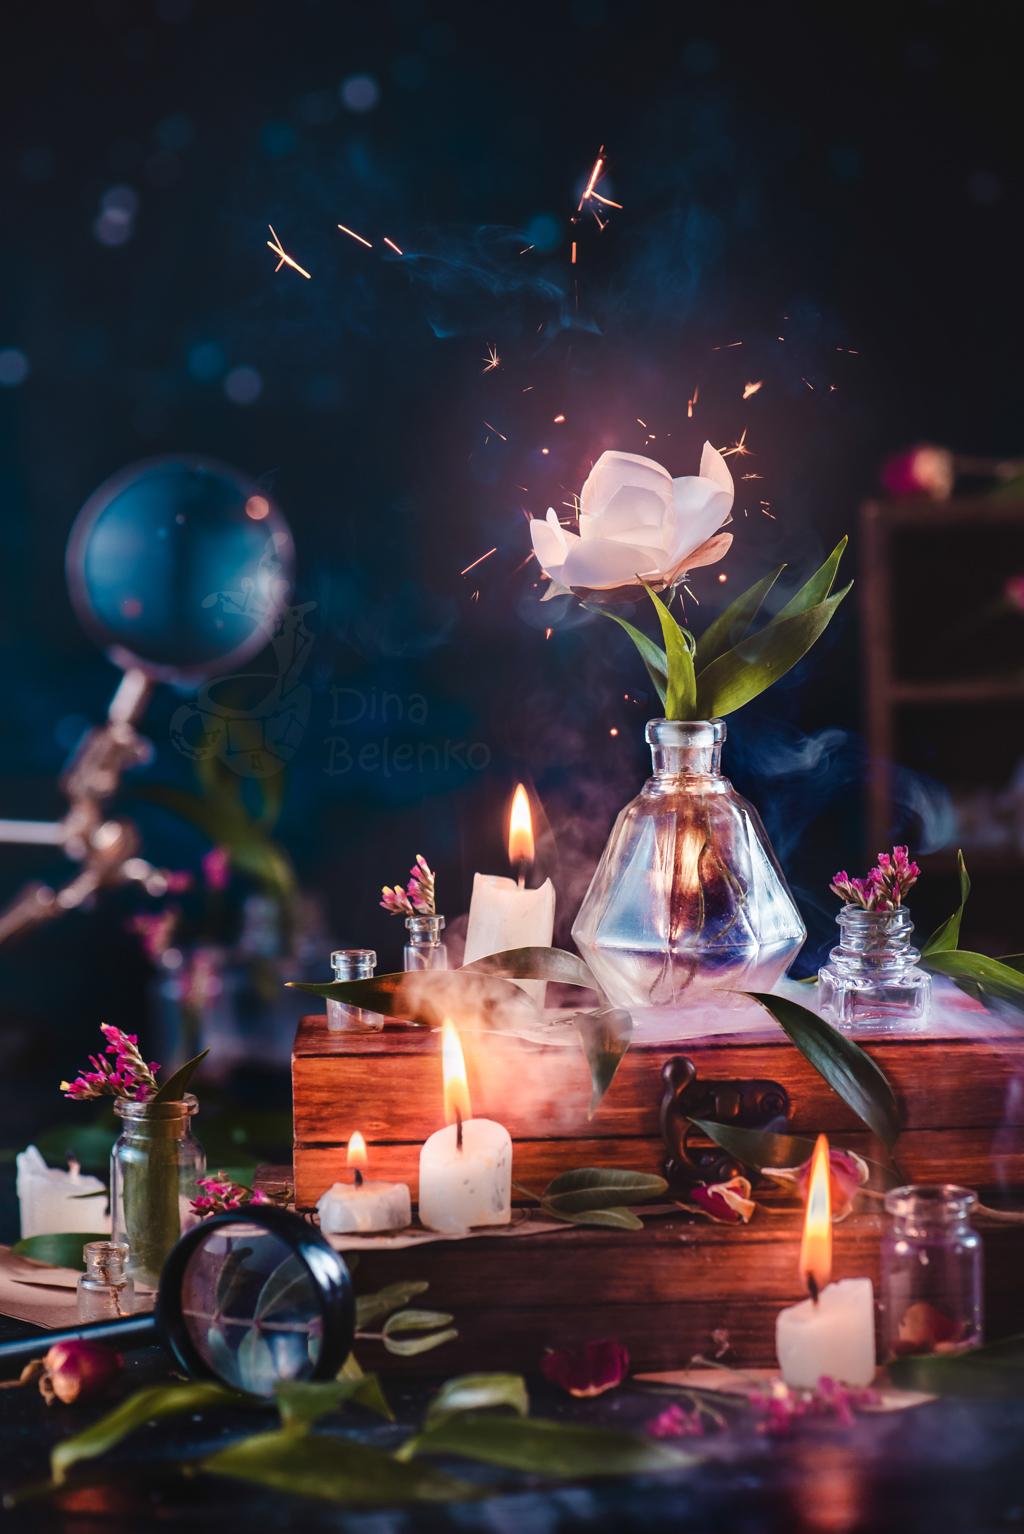 Fern Flower by dinabelenko